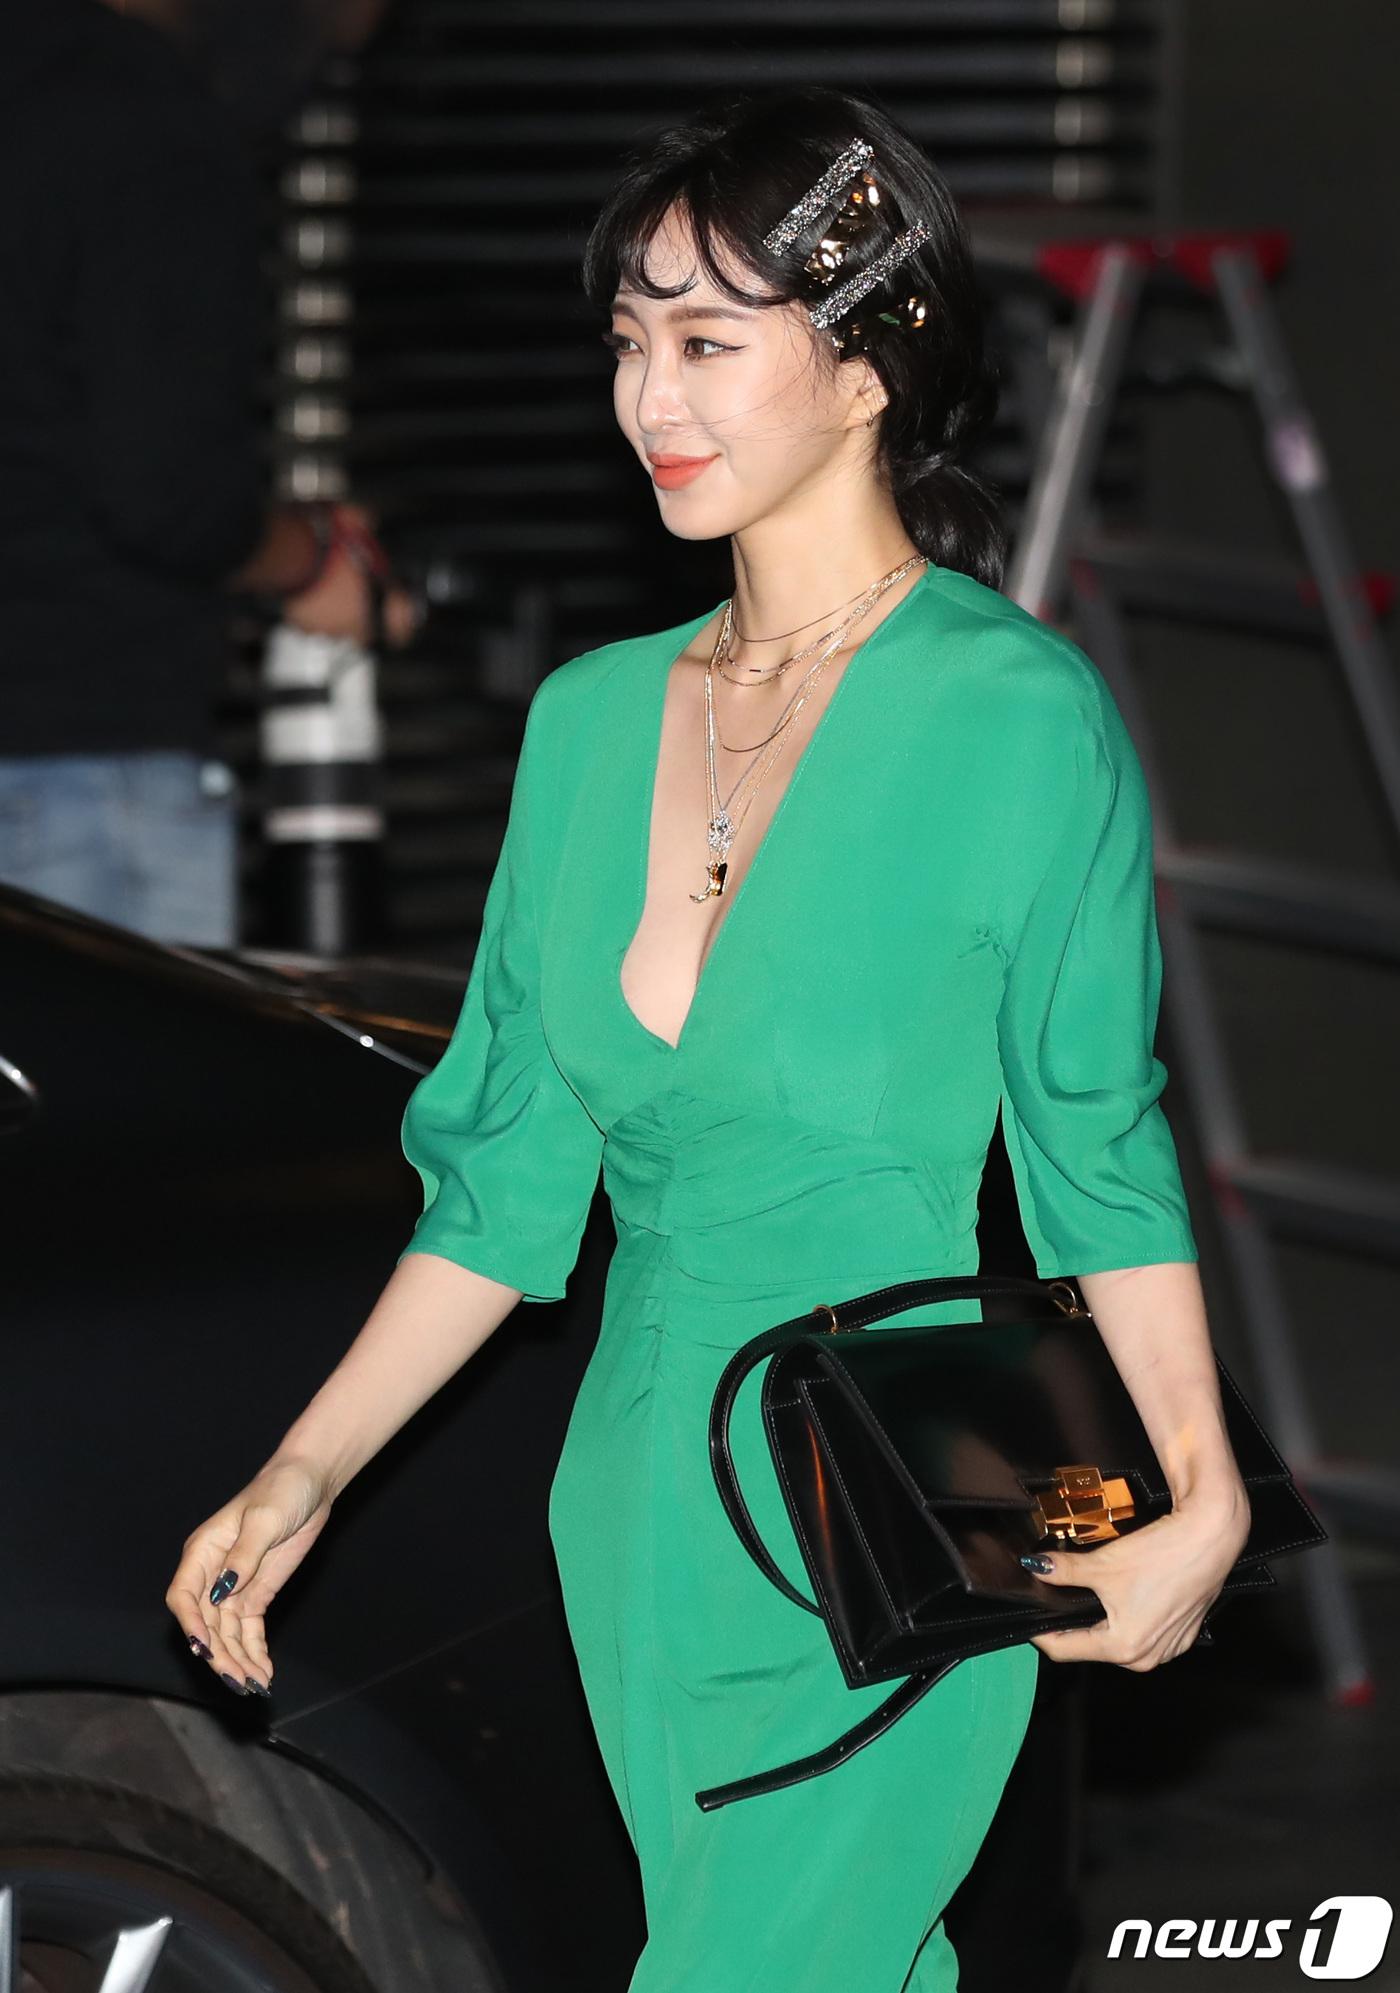 han ye seul green dress 7